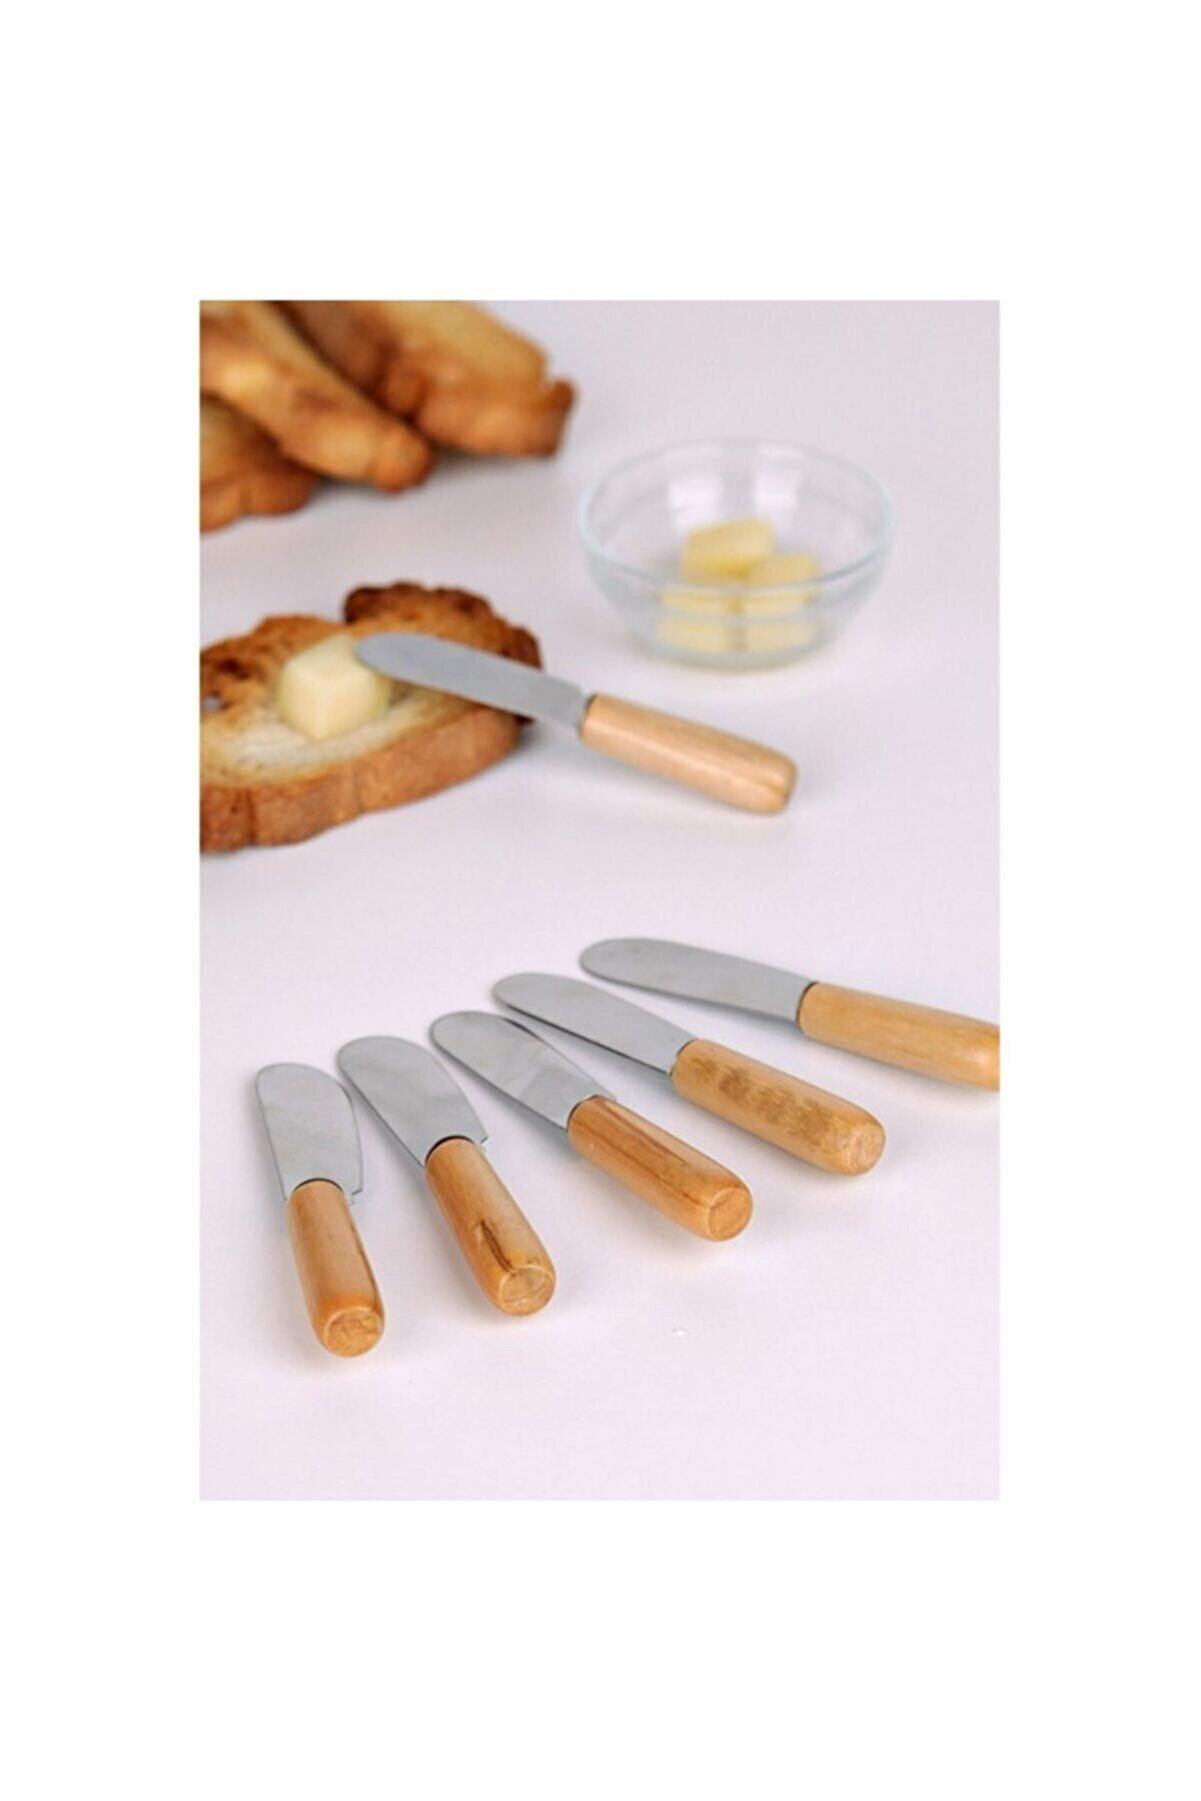 ZUZU MADE 6'lı Bambu Saplı Kahvaltı Bıçağı